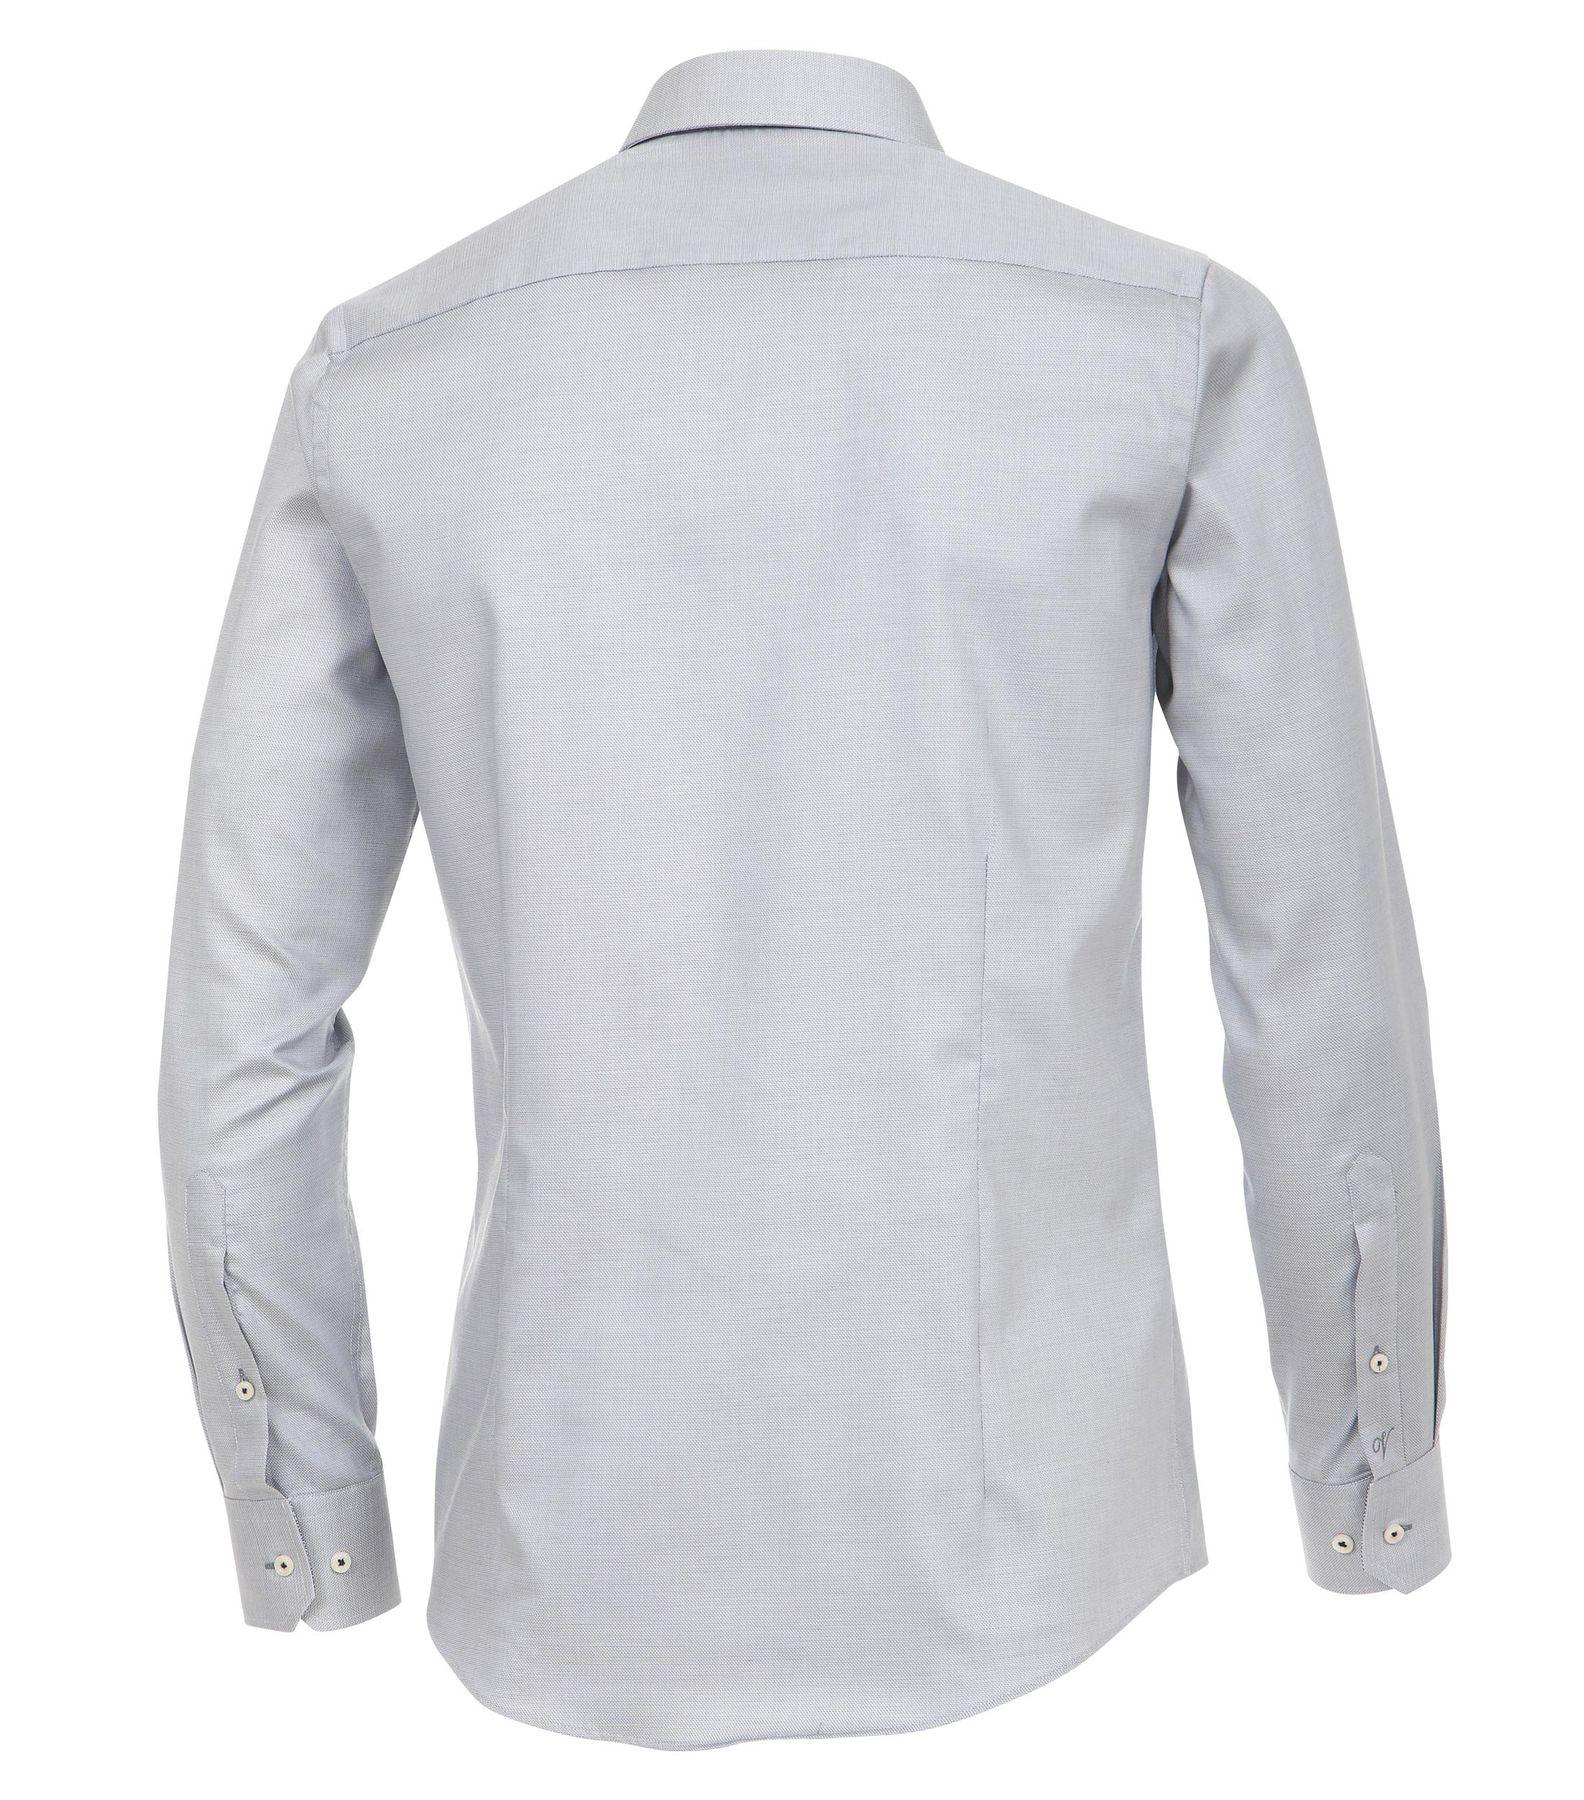 Venti - Slim Fit - Herren Langarm Hemd aus 100% Baumwolle mit Kent Kragen in verschiedenen Farben (172678600) – Bild 16